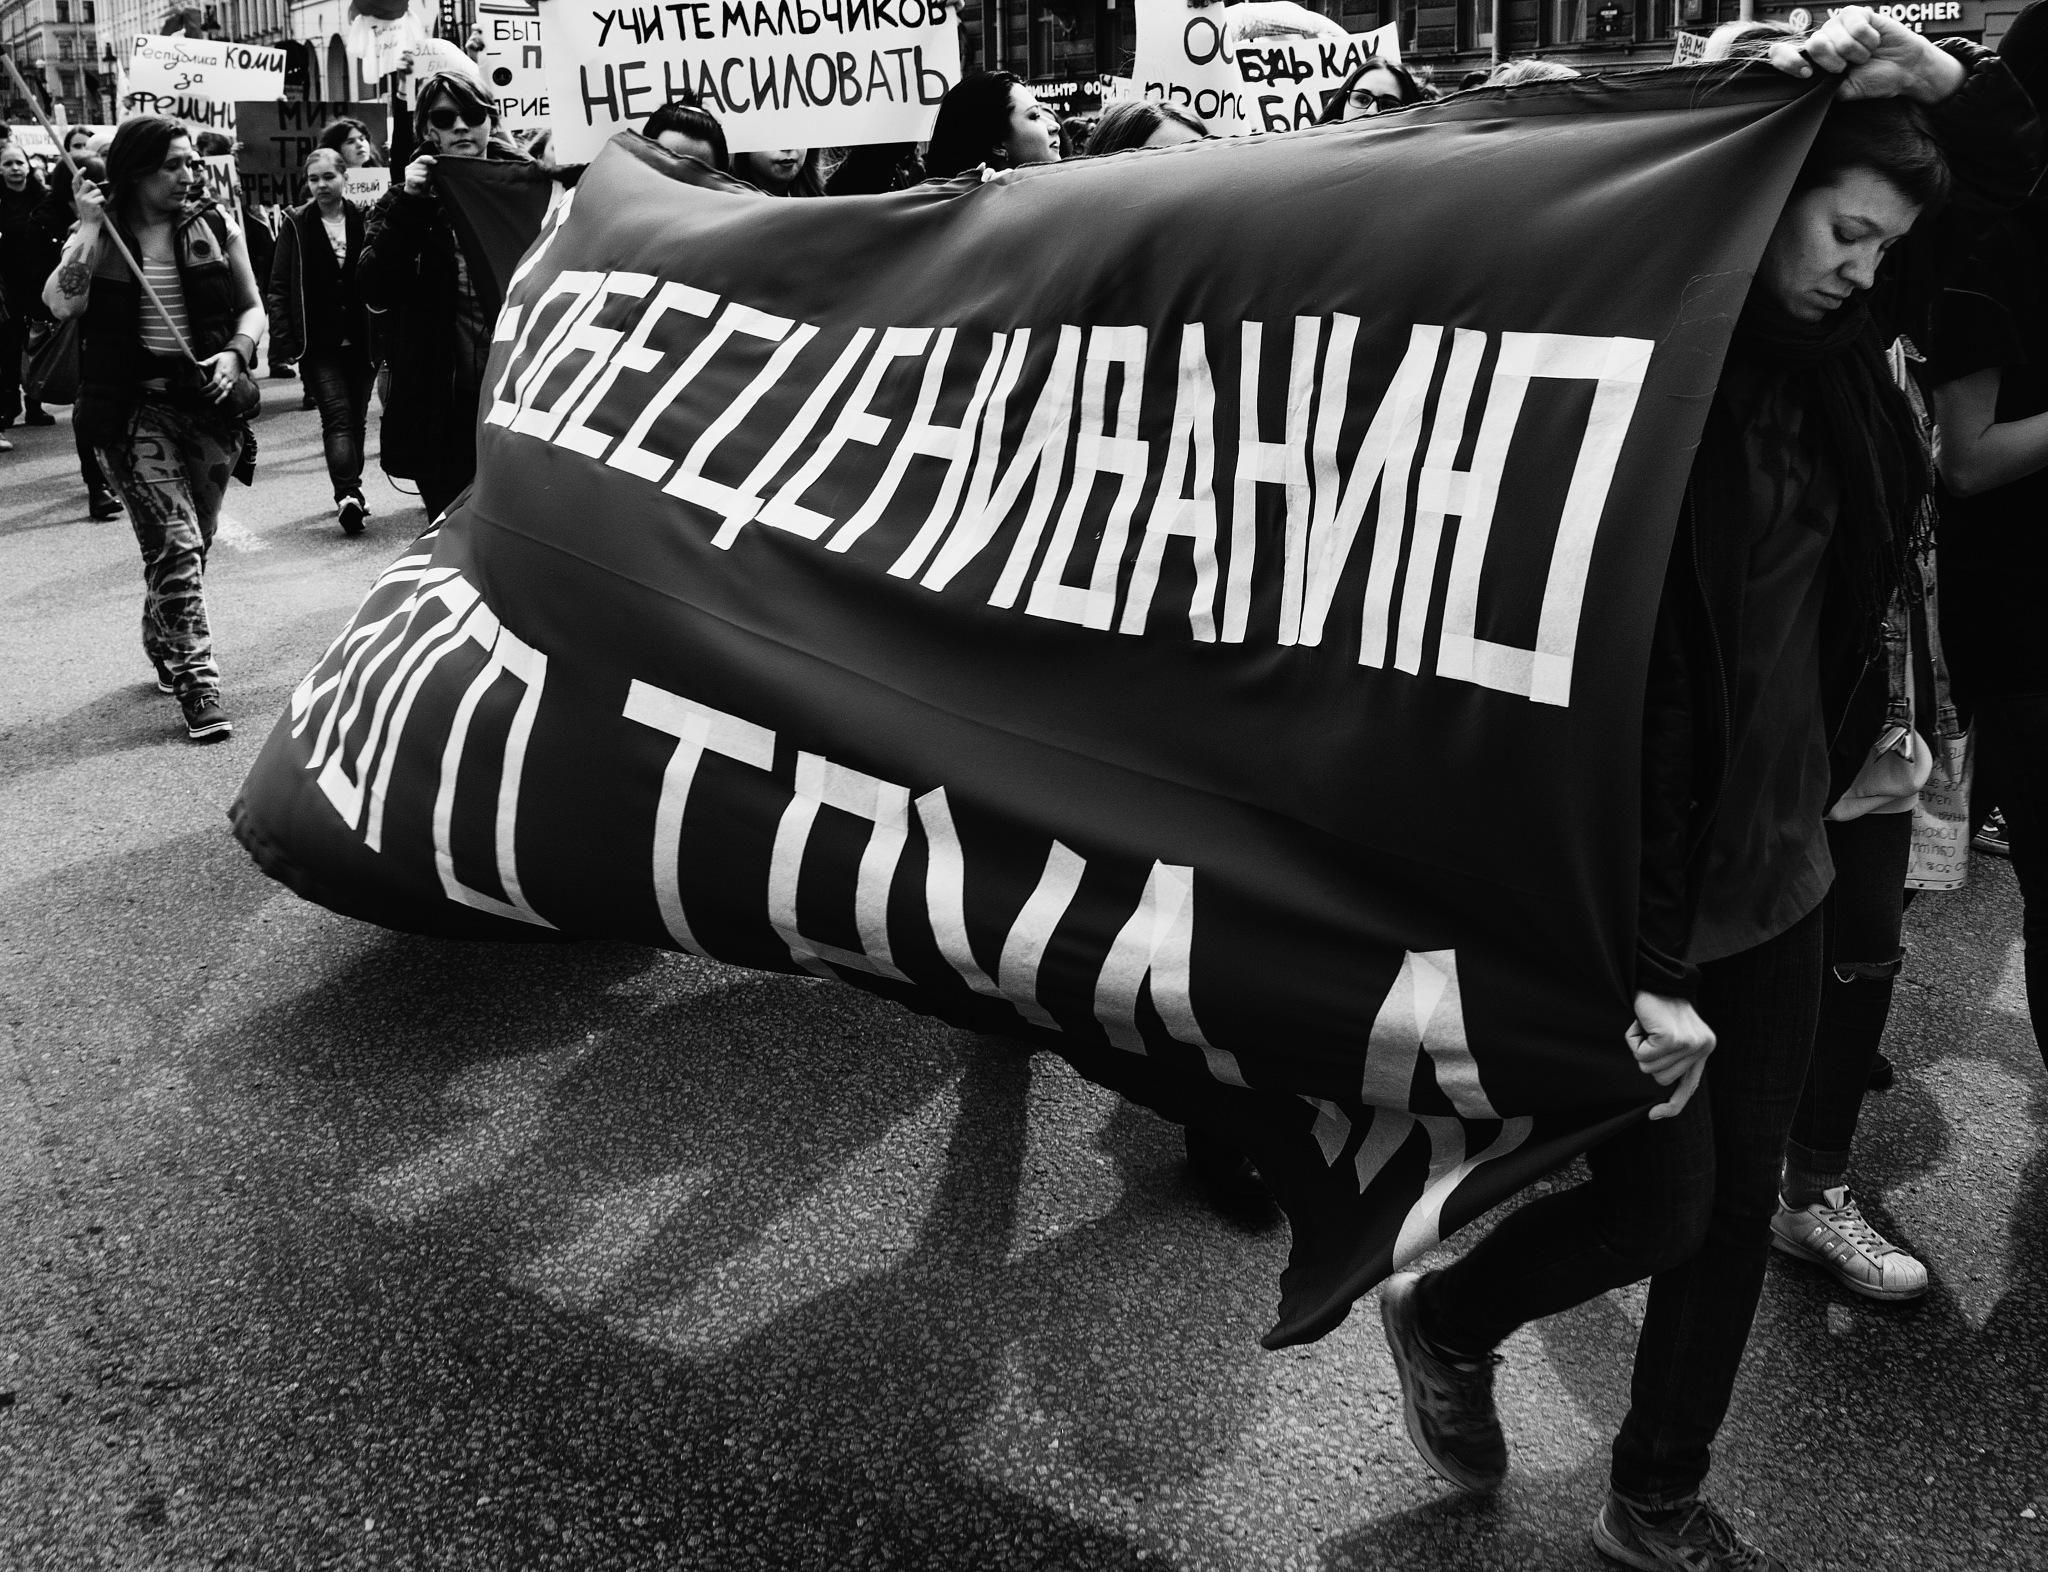 Russian politics by Maria_Rahmaninova